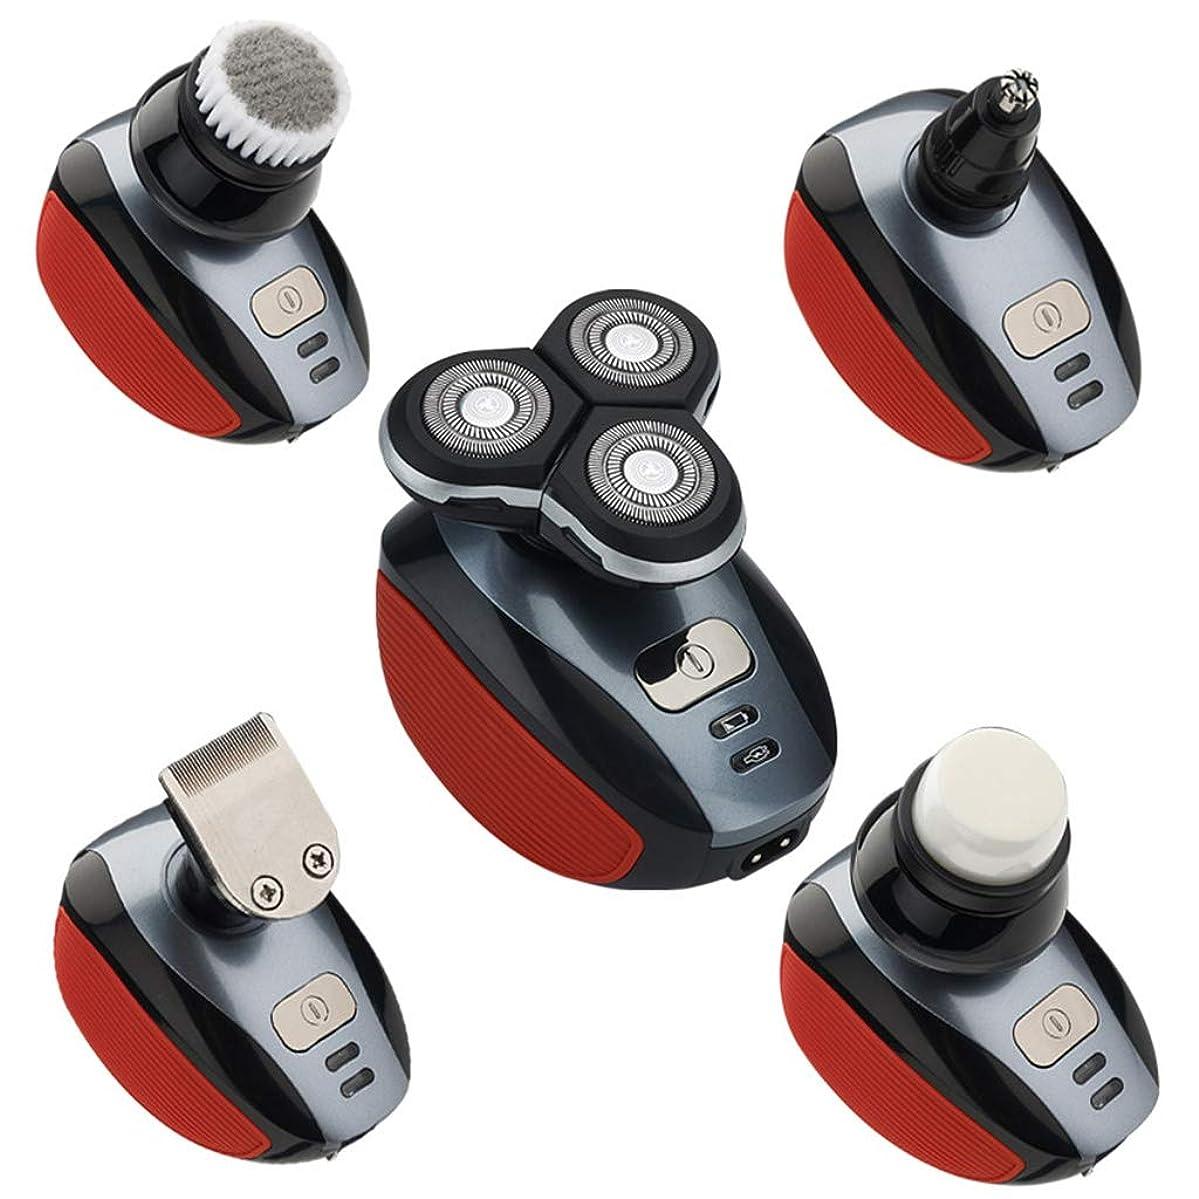 め言葉暗くする改善電気かみそり、メンズUSB充電コードレスひげトリマー、防水/ベニヤデザイン、多機能バリカン/鼻毛トリム